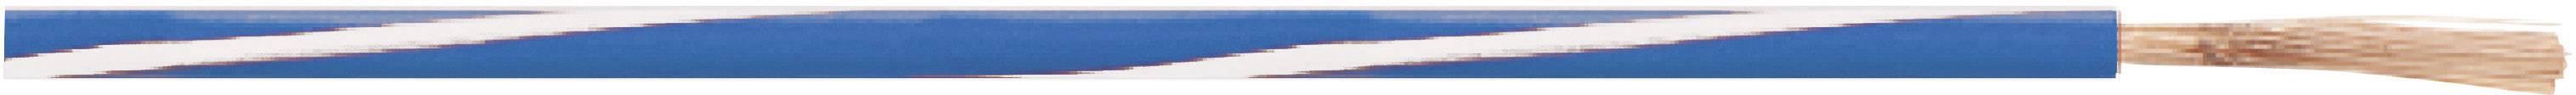 Opletenie / lanko LappKabel 4512241S X05V-K, 1 x 0.50 mm², vonkajší Ø 2.10 mm, metrový tovar, modrá, zelená